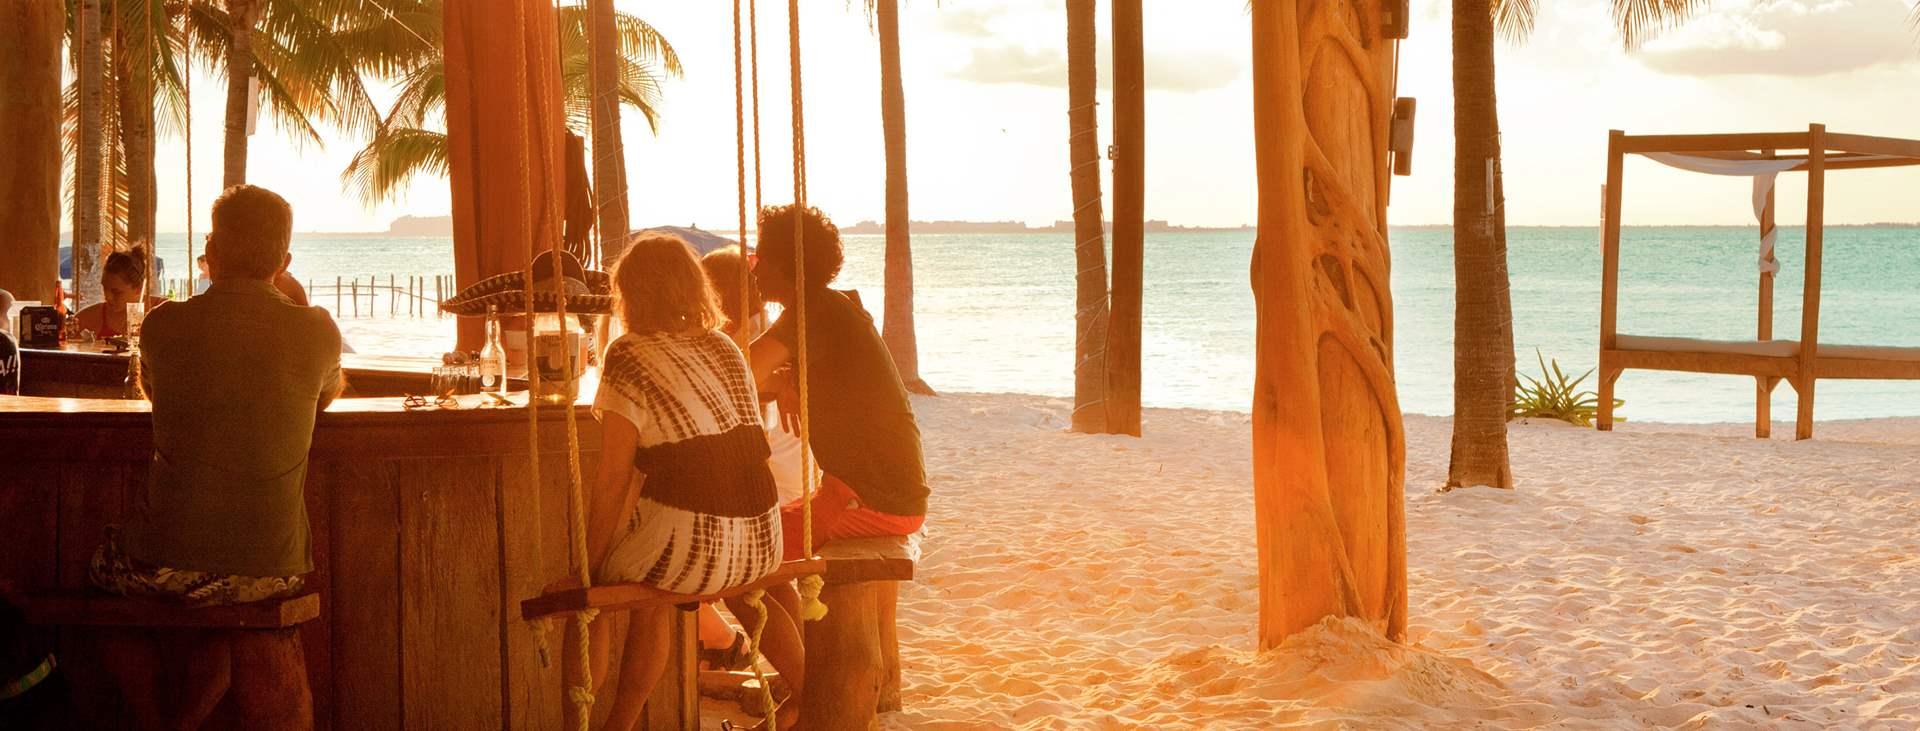 Unelmoitko lomasta Karibialla? - Varaa matka Tjäreborgilta